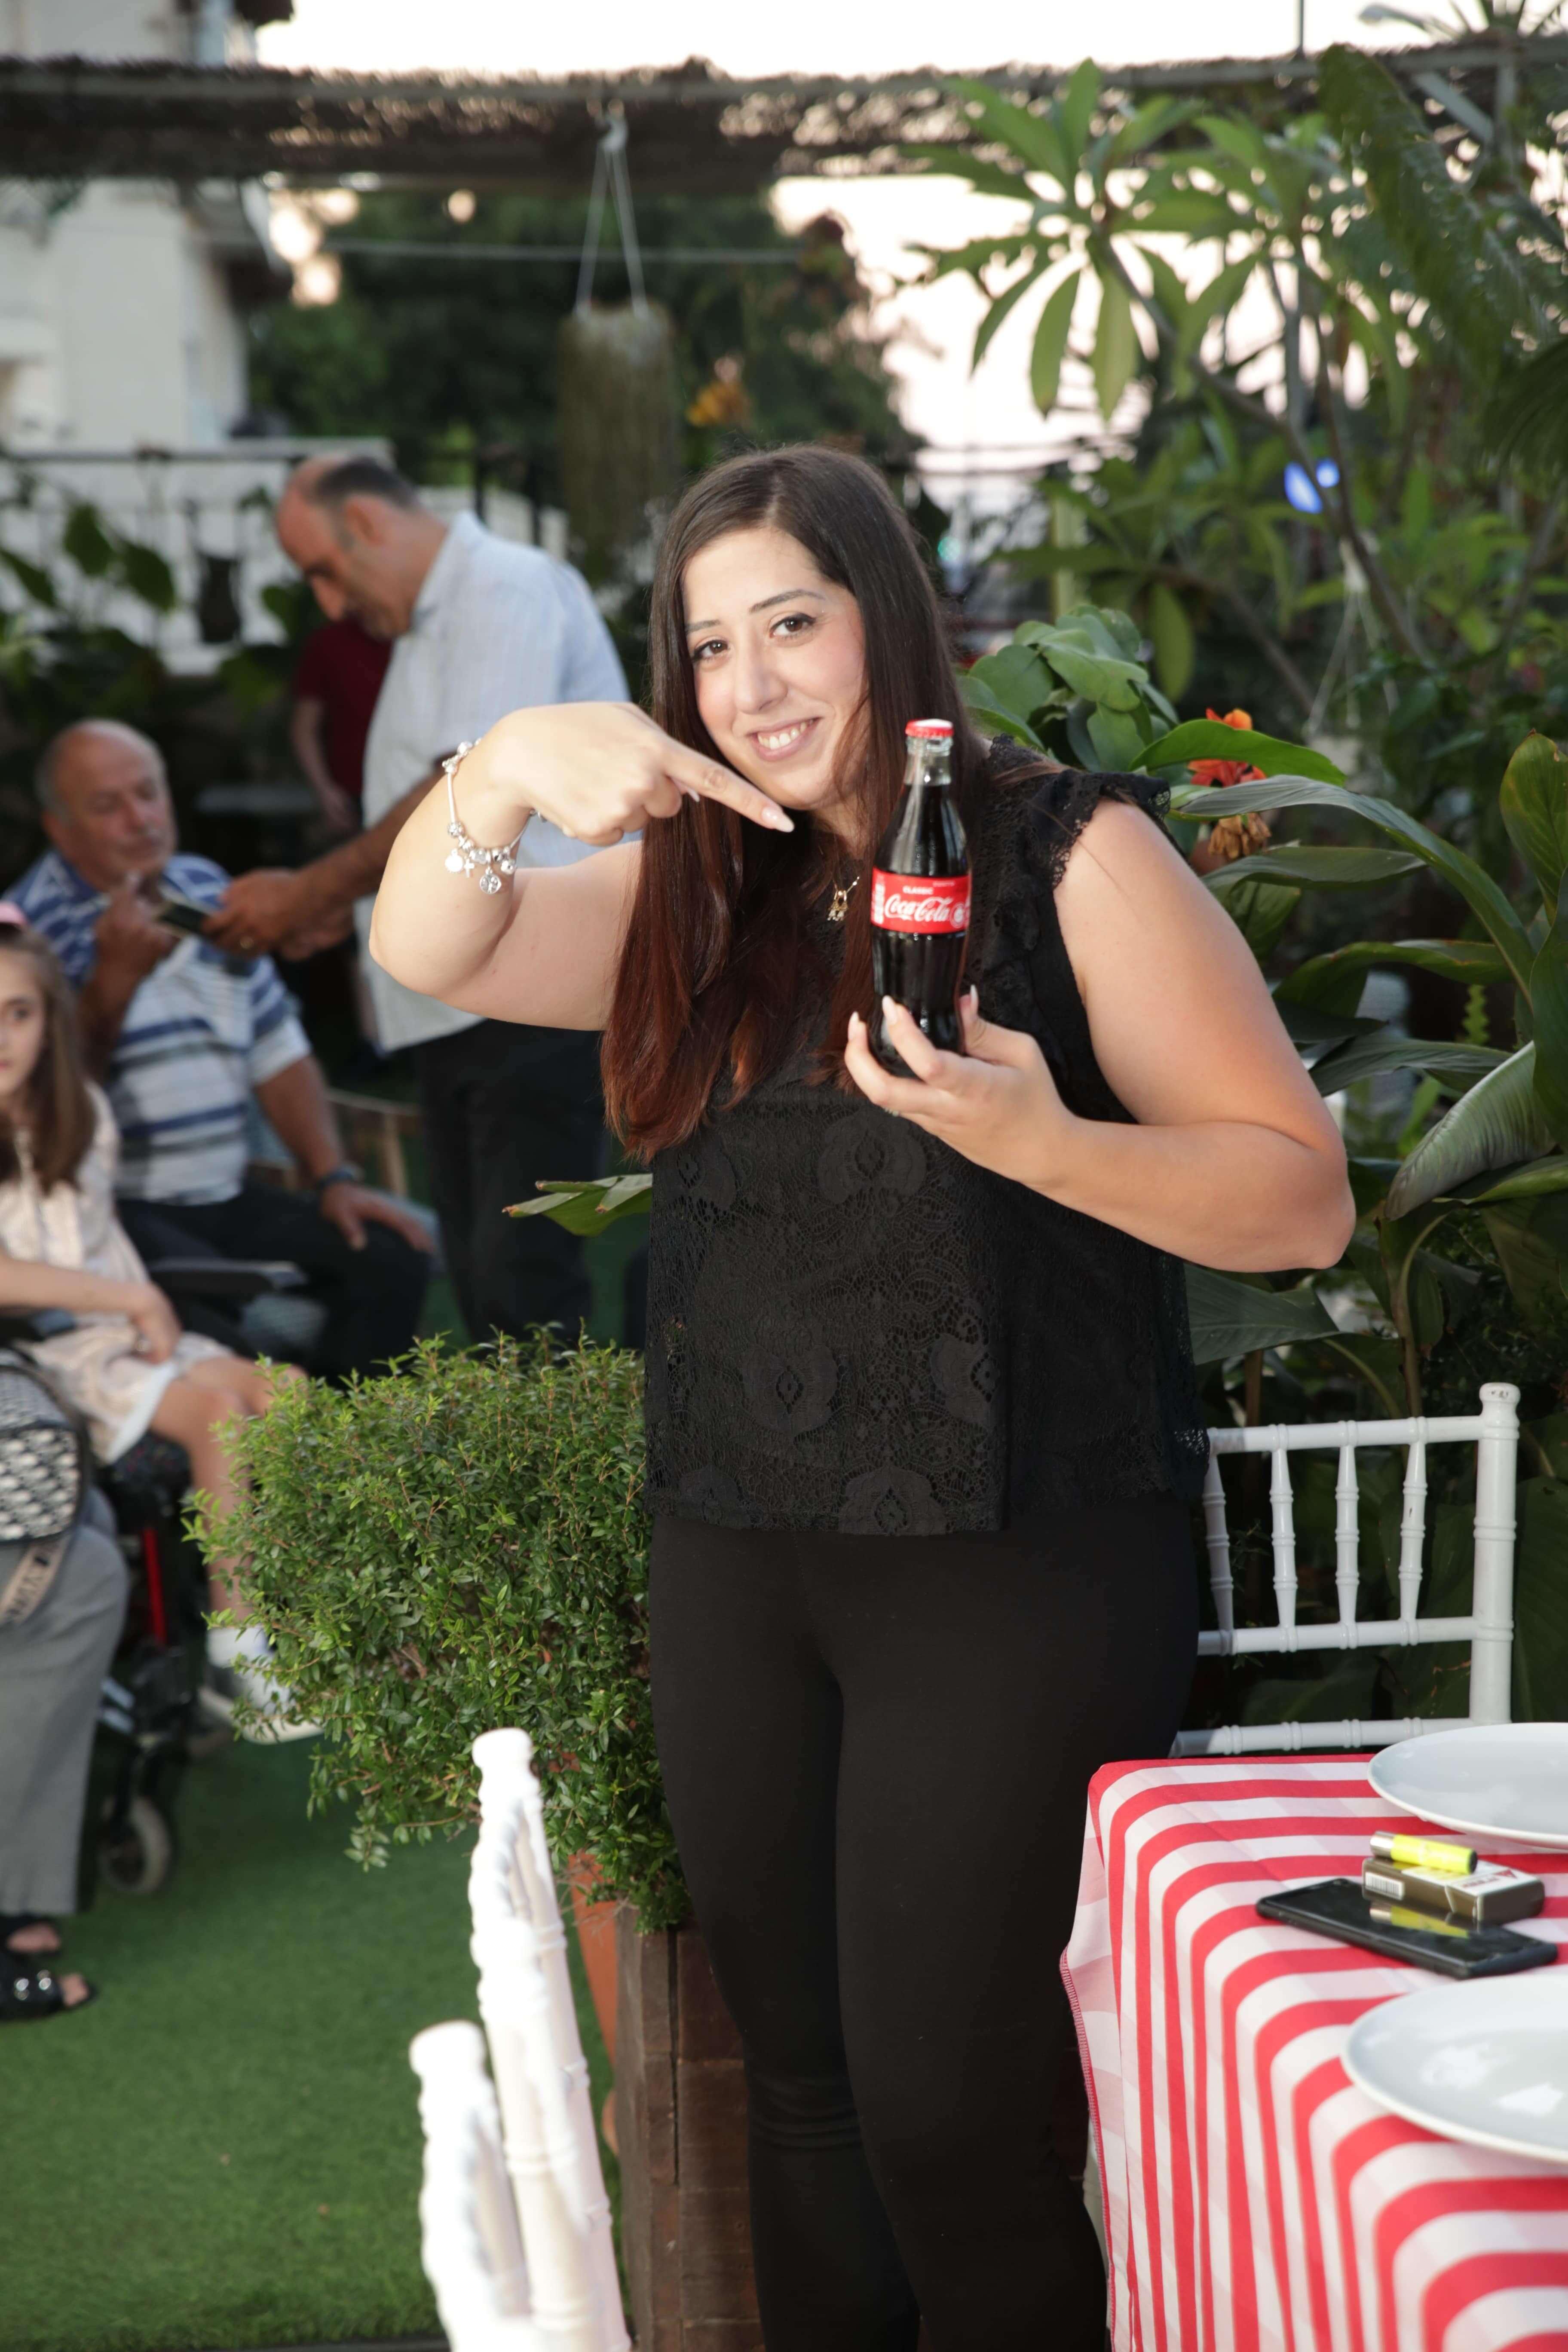 نجاح كبير لفعالية كوكا-كولا الصيفية وتفاعل كبير معها-8